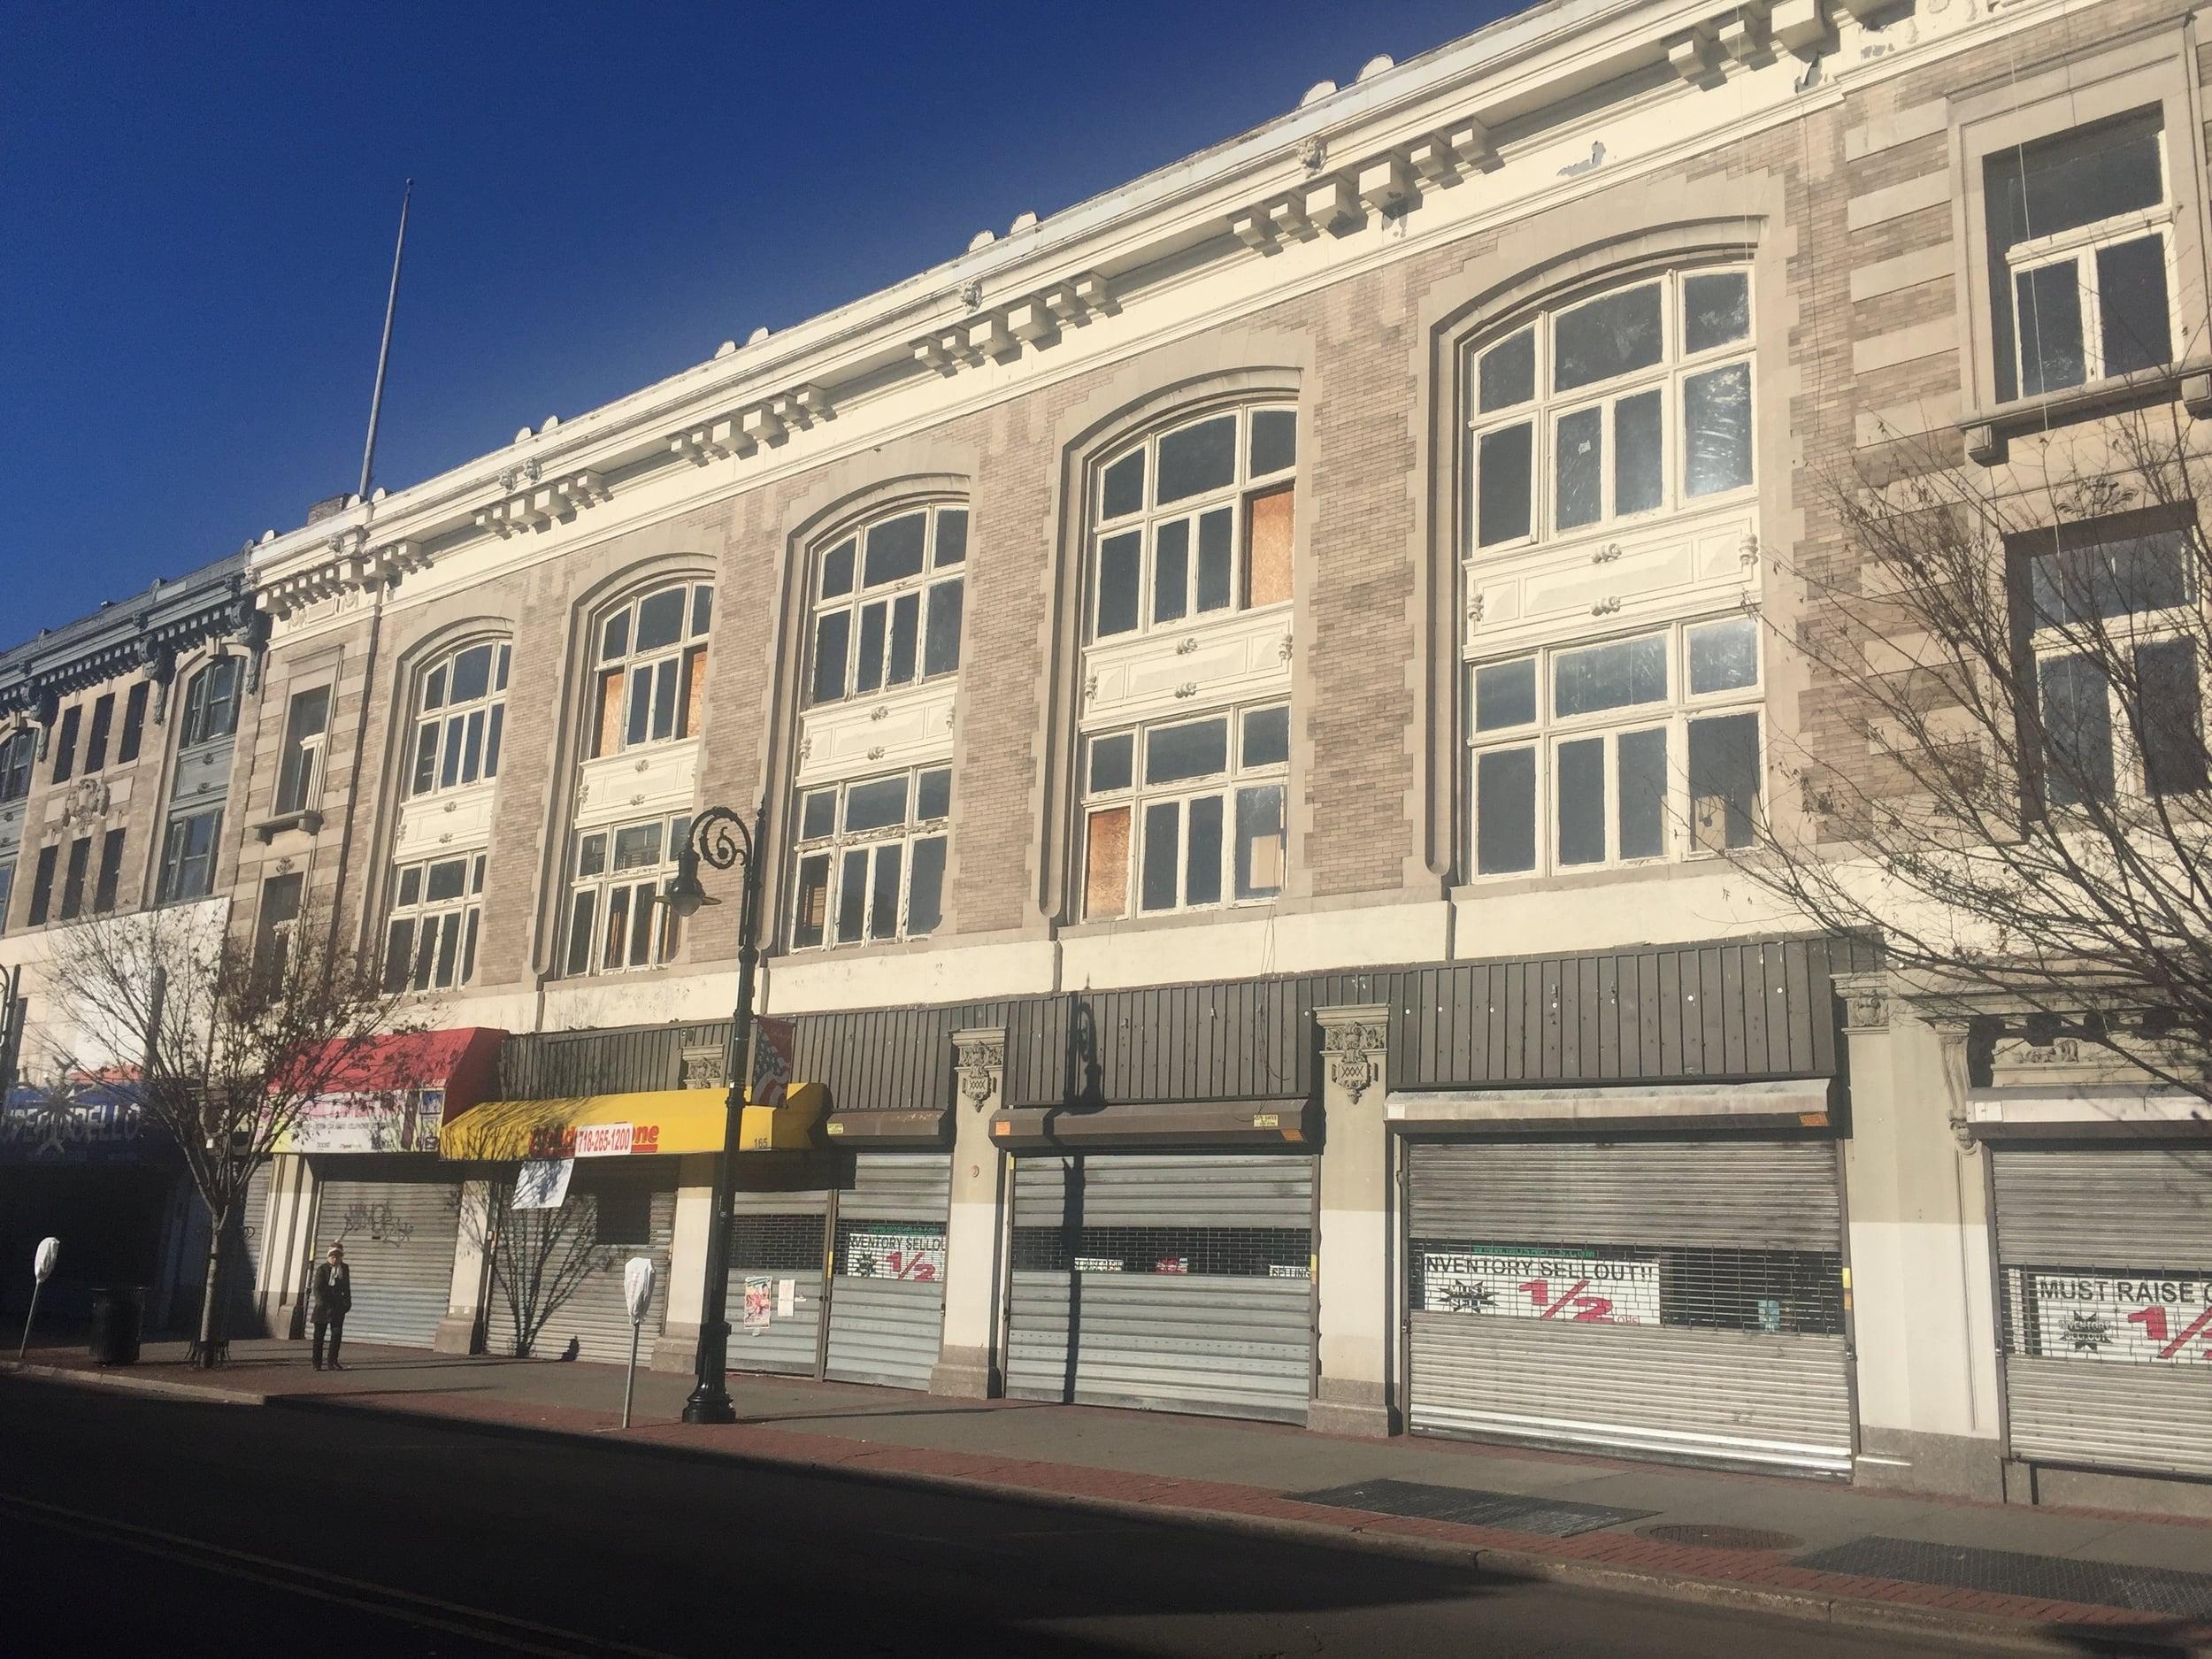 Old Rosenbaum's Department Store